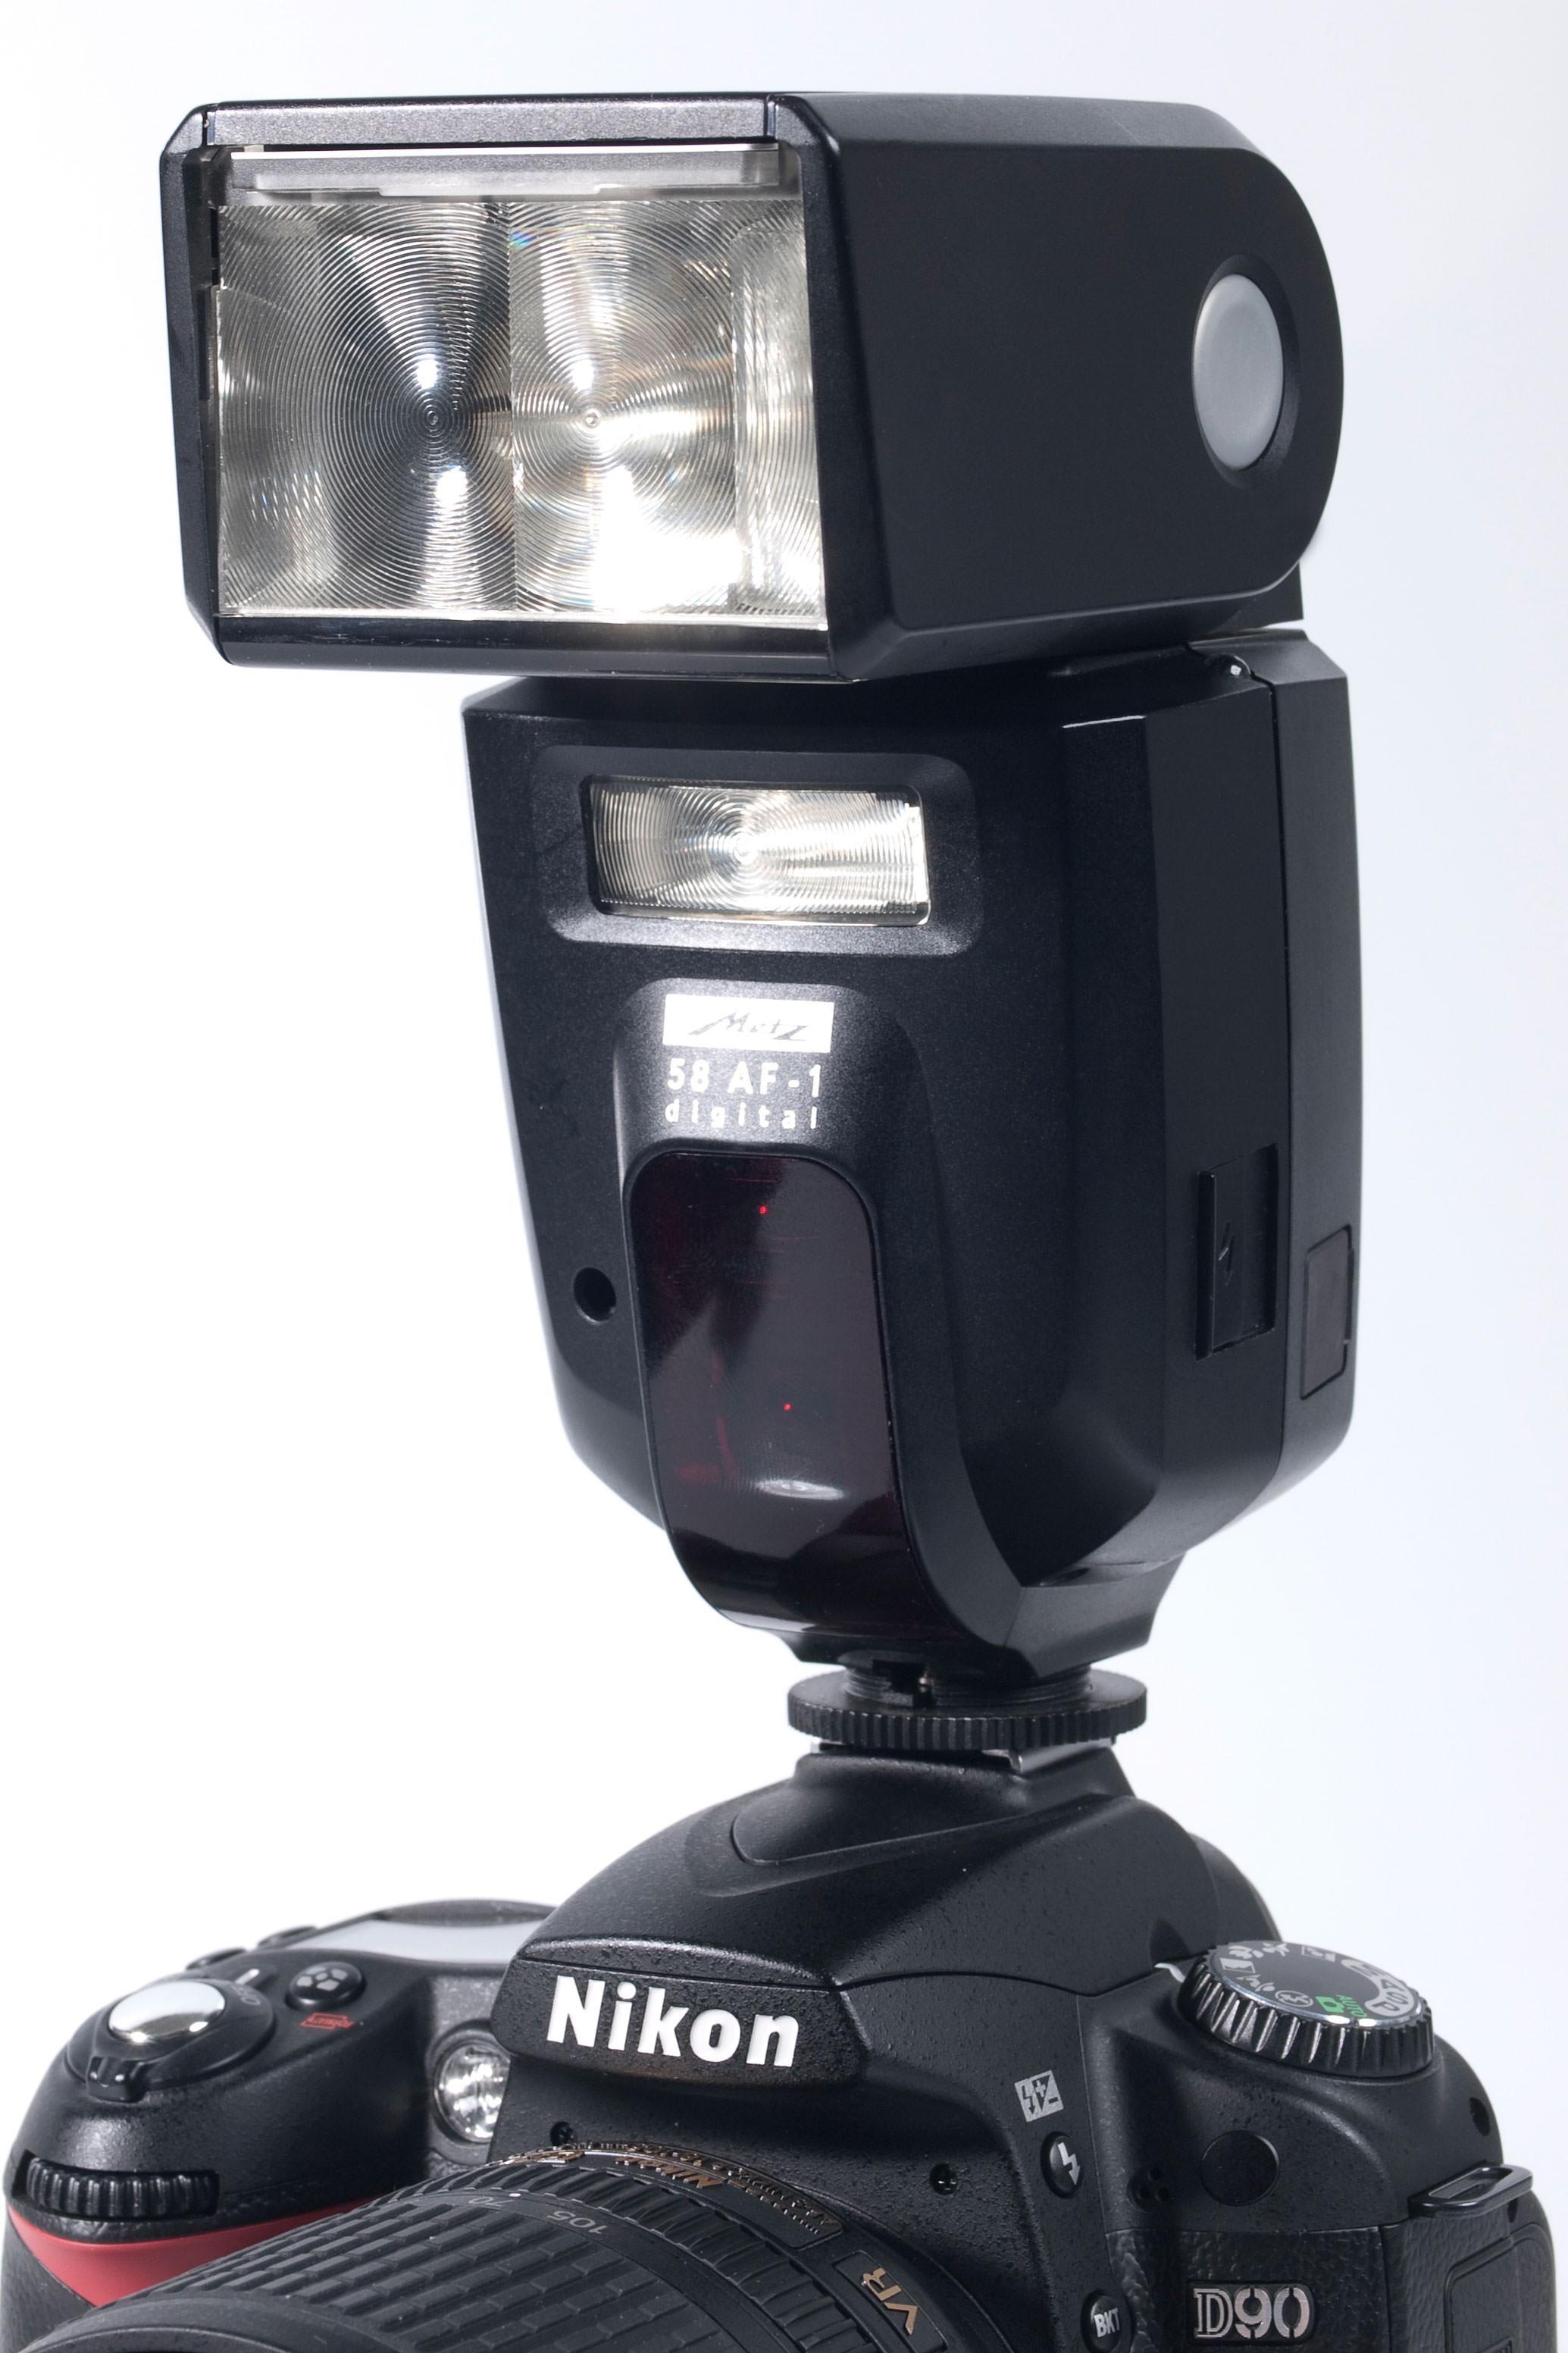 Metz Mecablitz 58 AF-1 Digital Flash Drivers for Mac